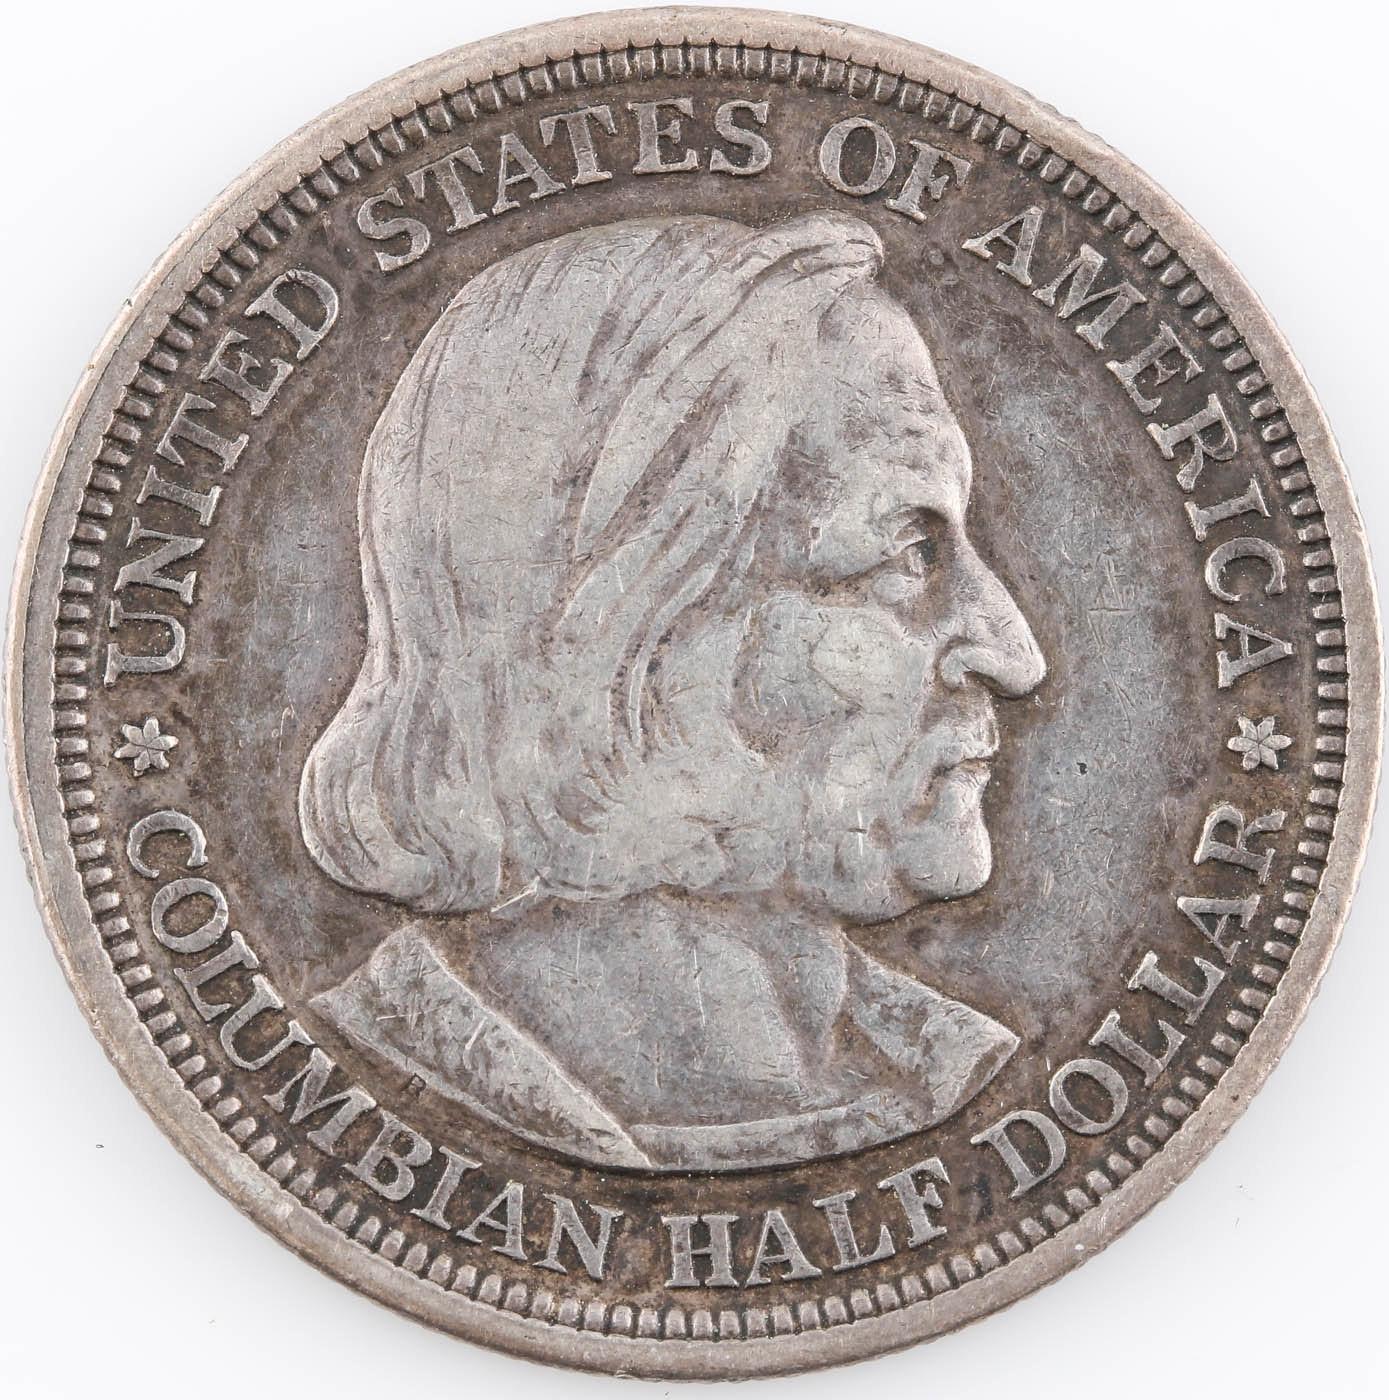 1893 Columbian Exposition Silver Half Dollar Commemorative Coin